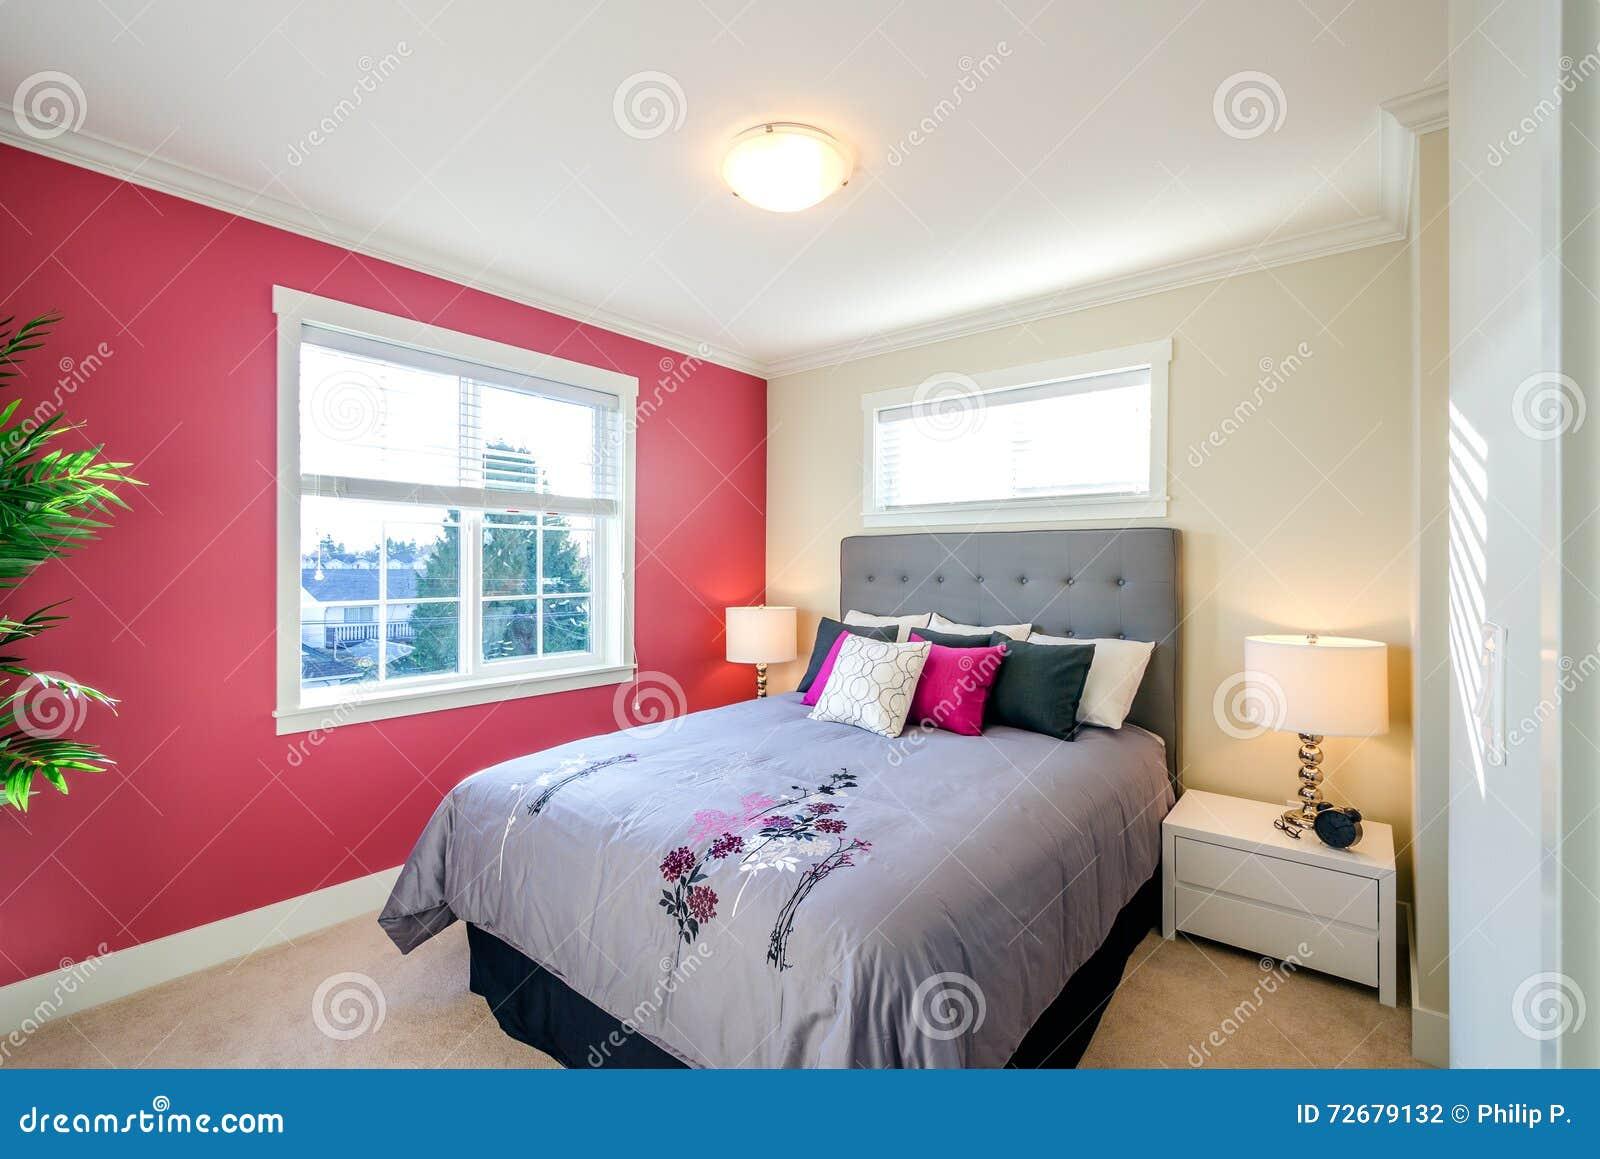 Modernes Rotes Schlafzimmer Stockfoto - Bild von ...